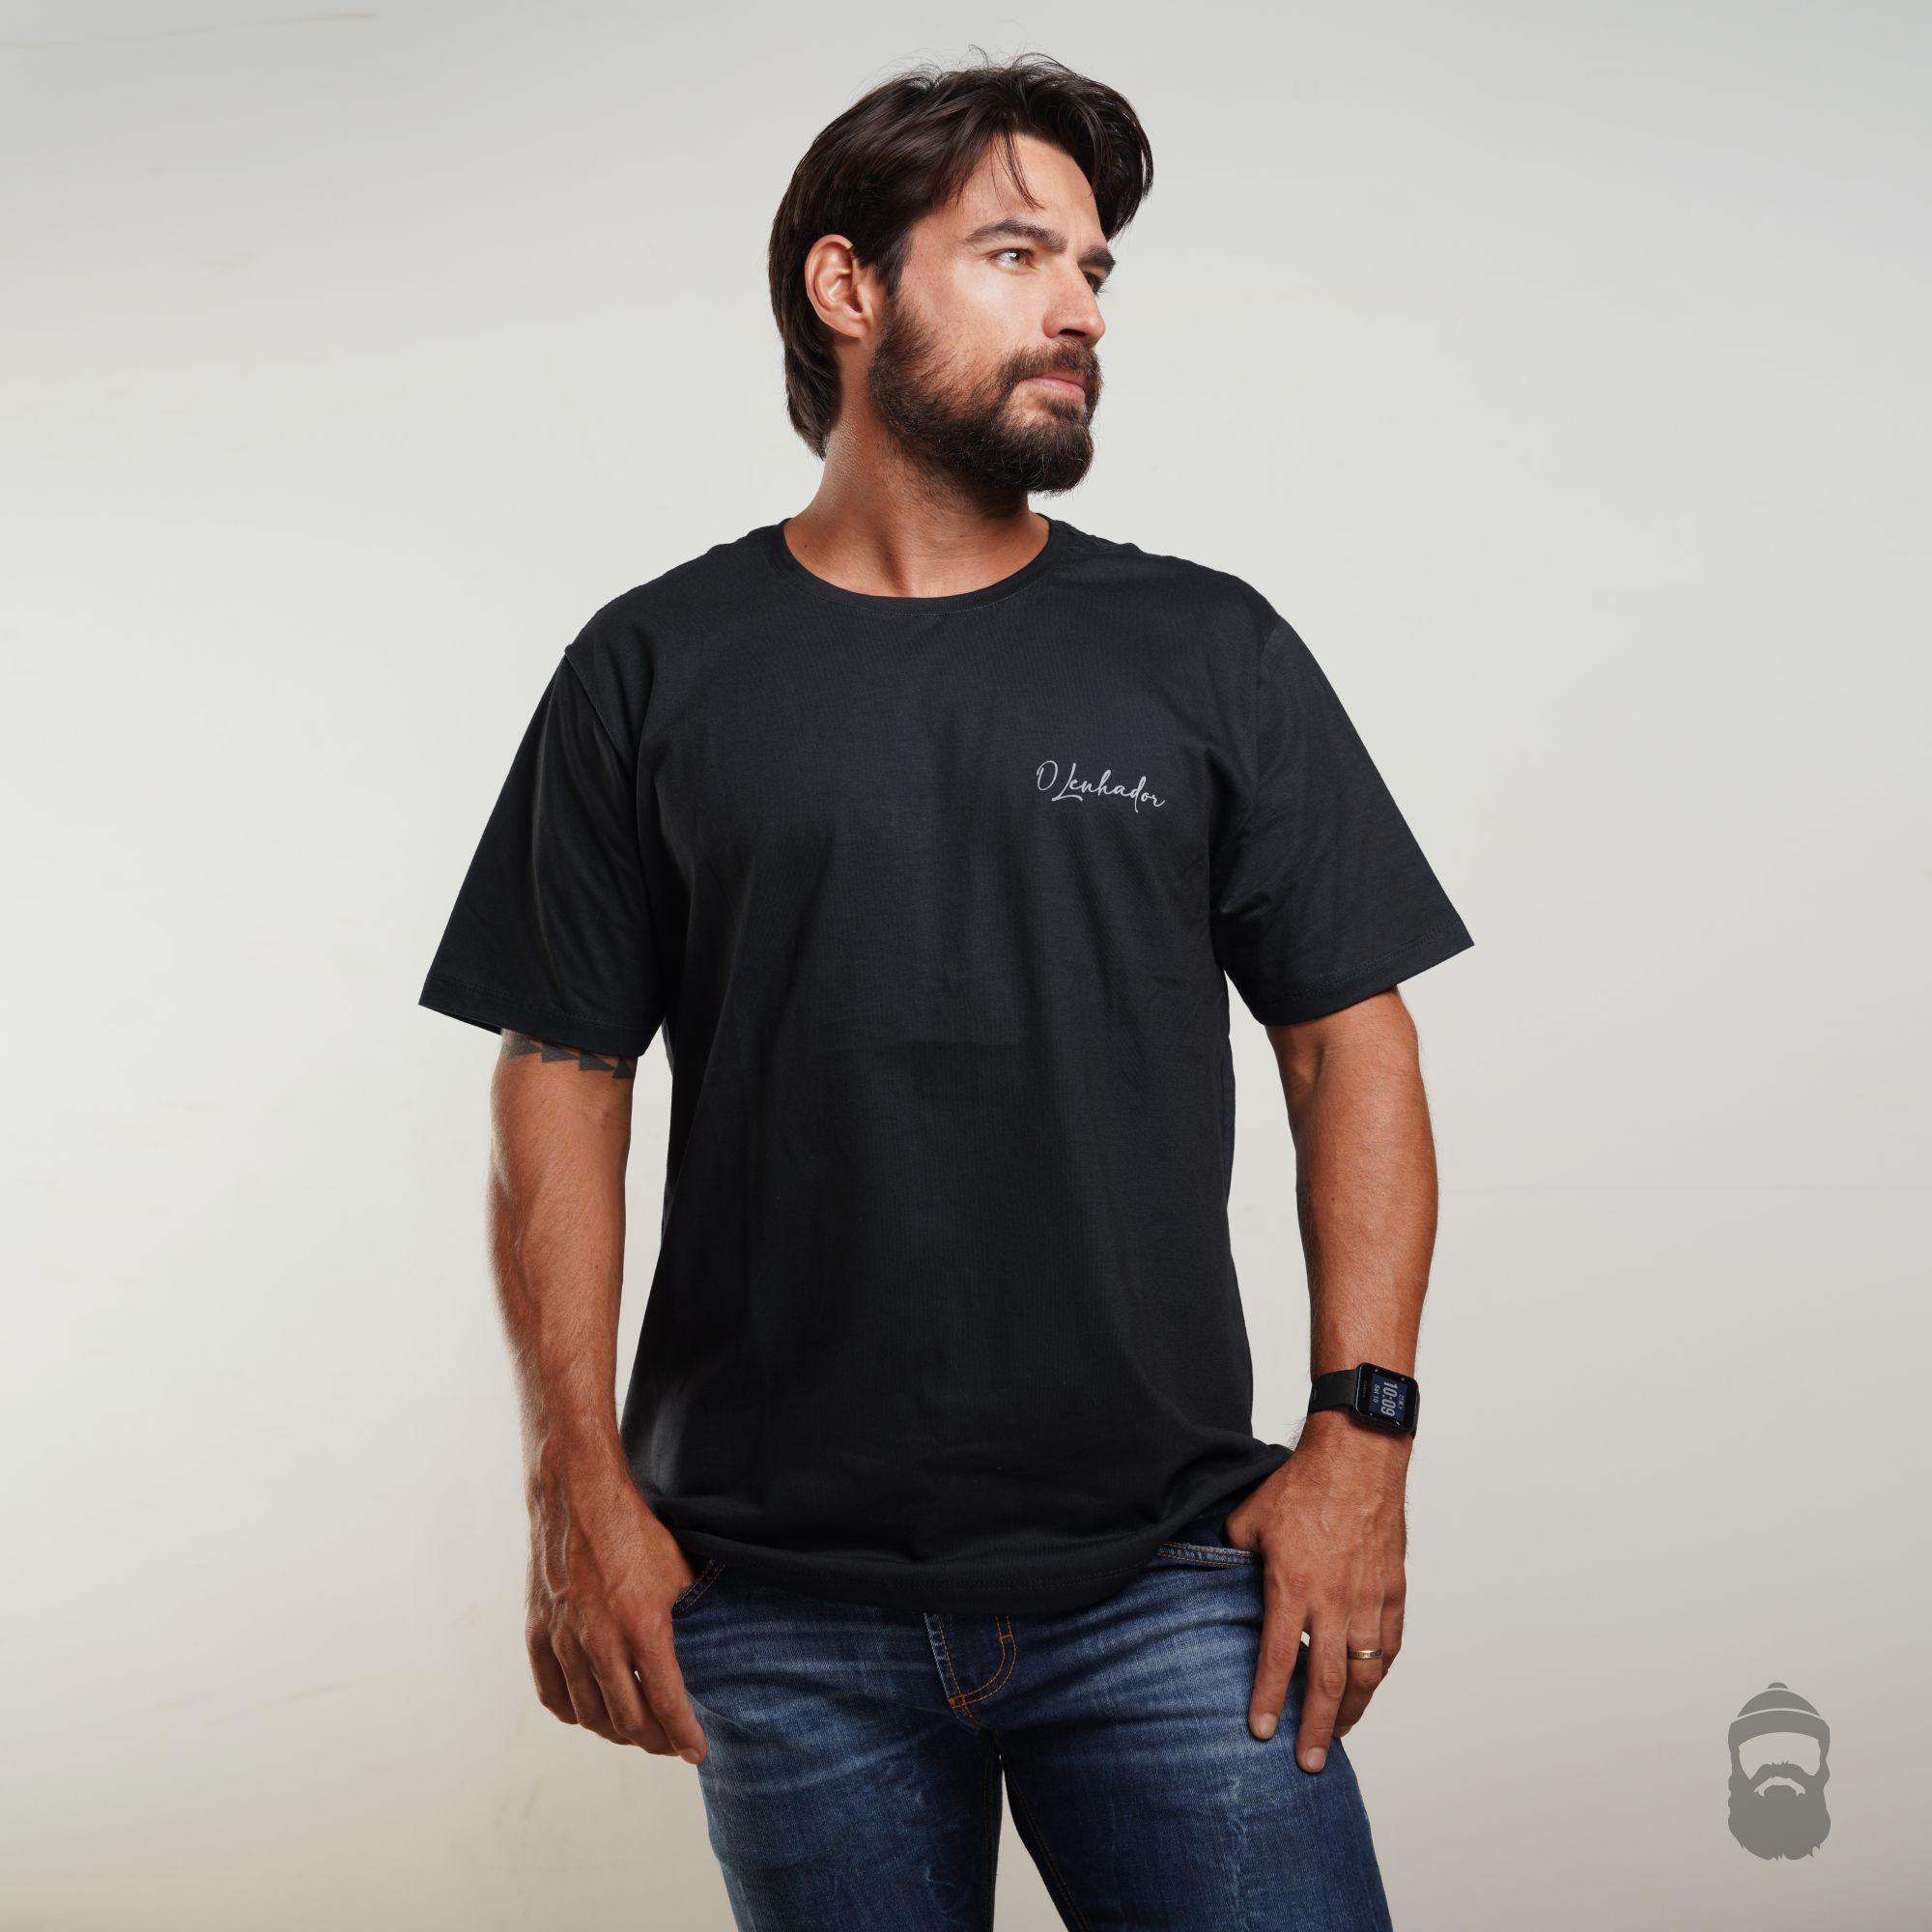 O Lenhador Camiseta Assinatura Preta